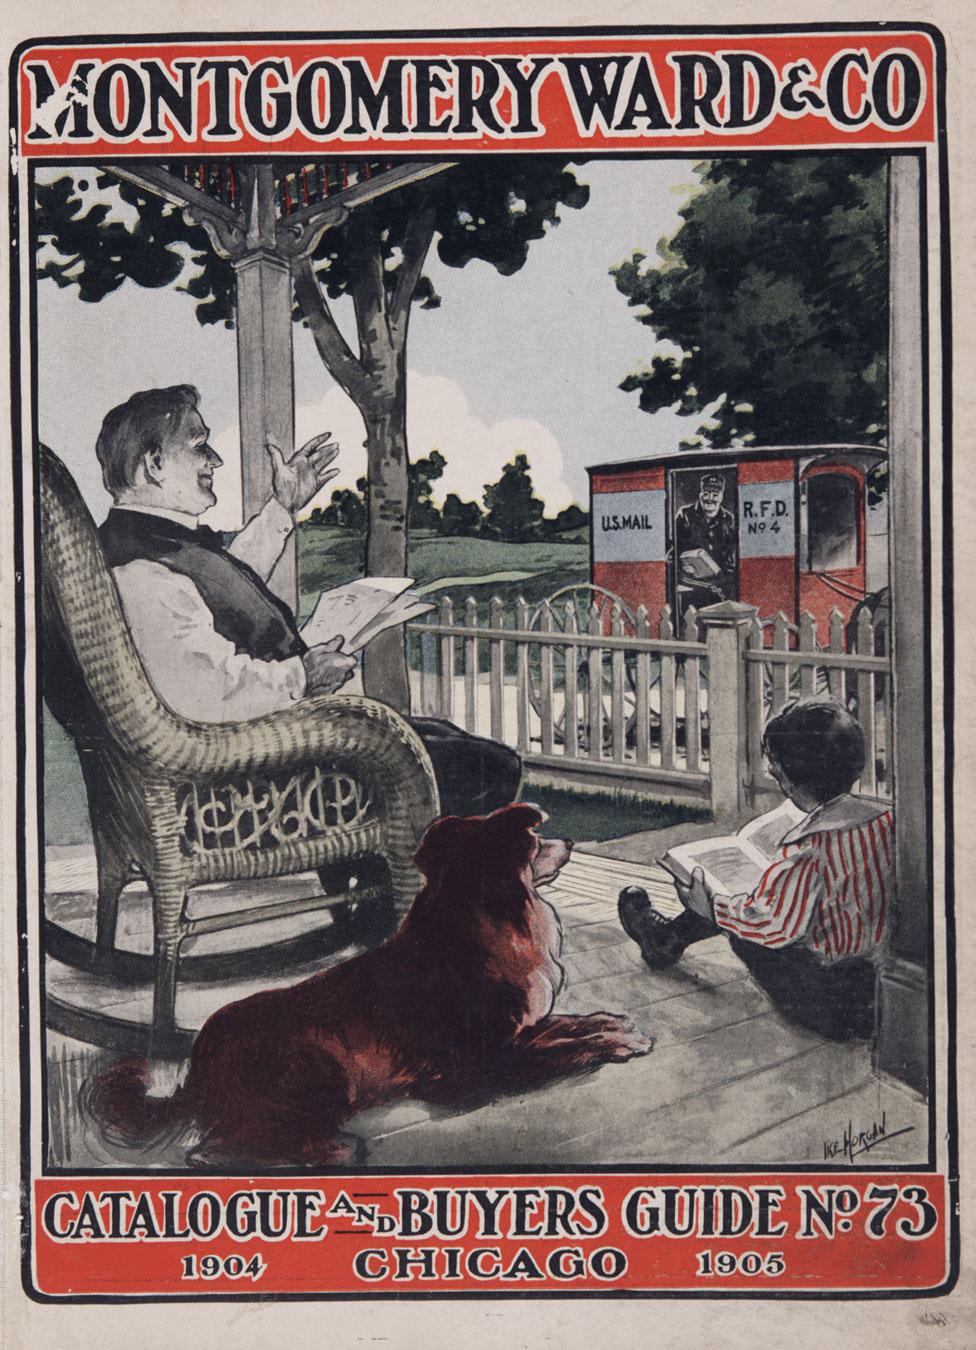 La portada del catálogo de pedidos por correo de 1904 de Montgomery Ward & Company, Chicago.